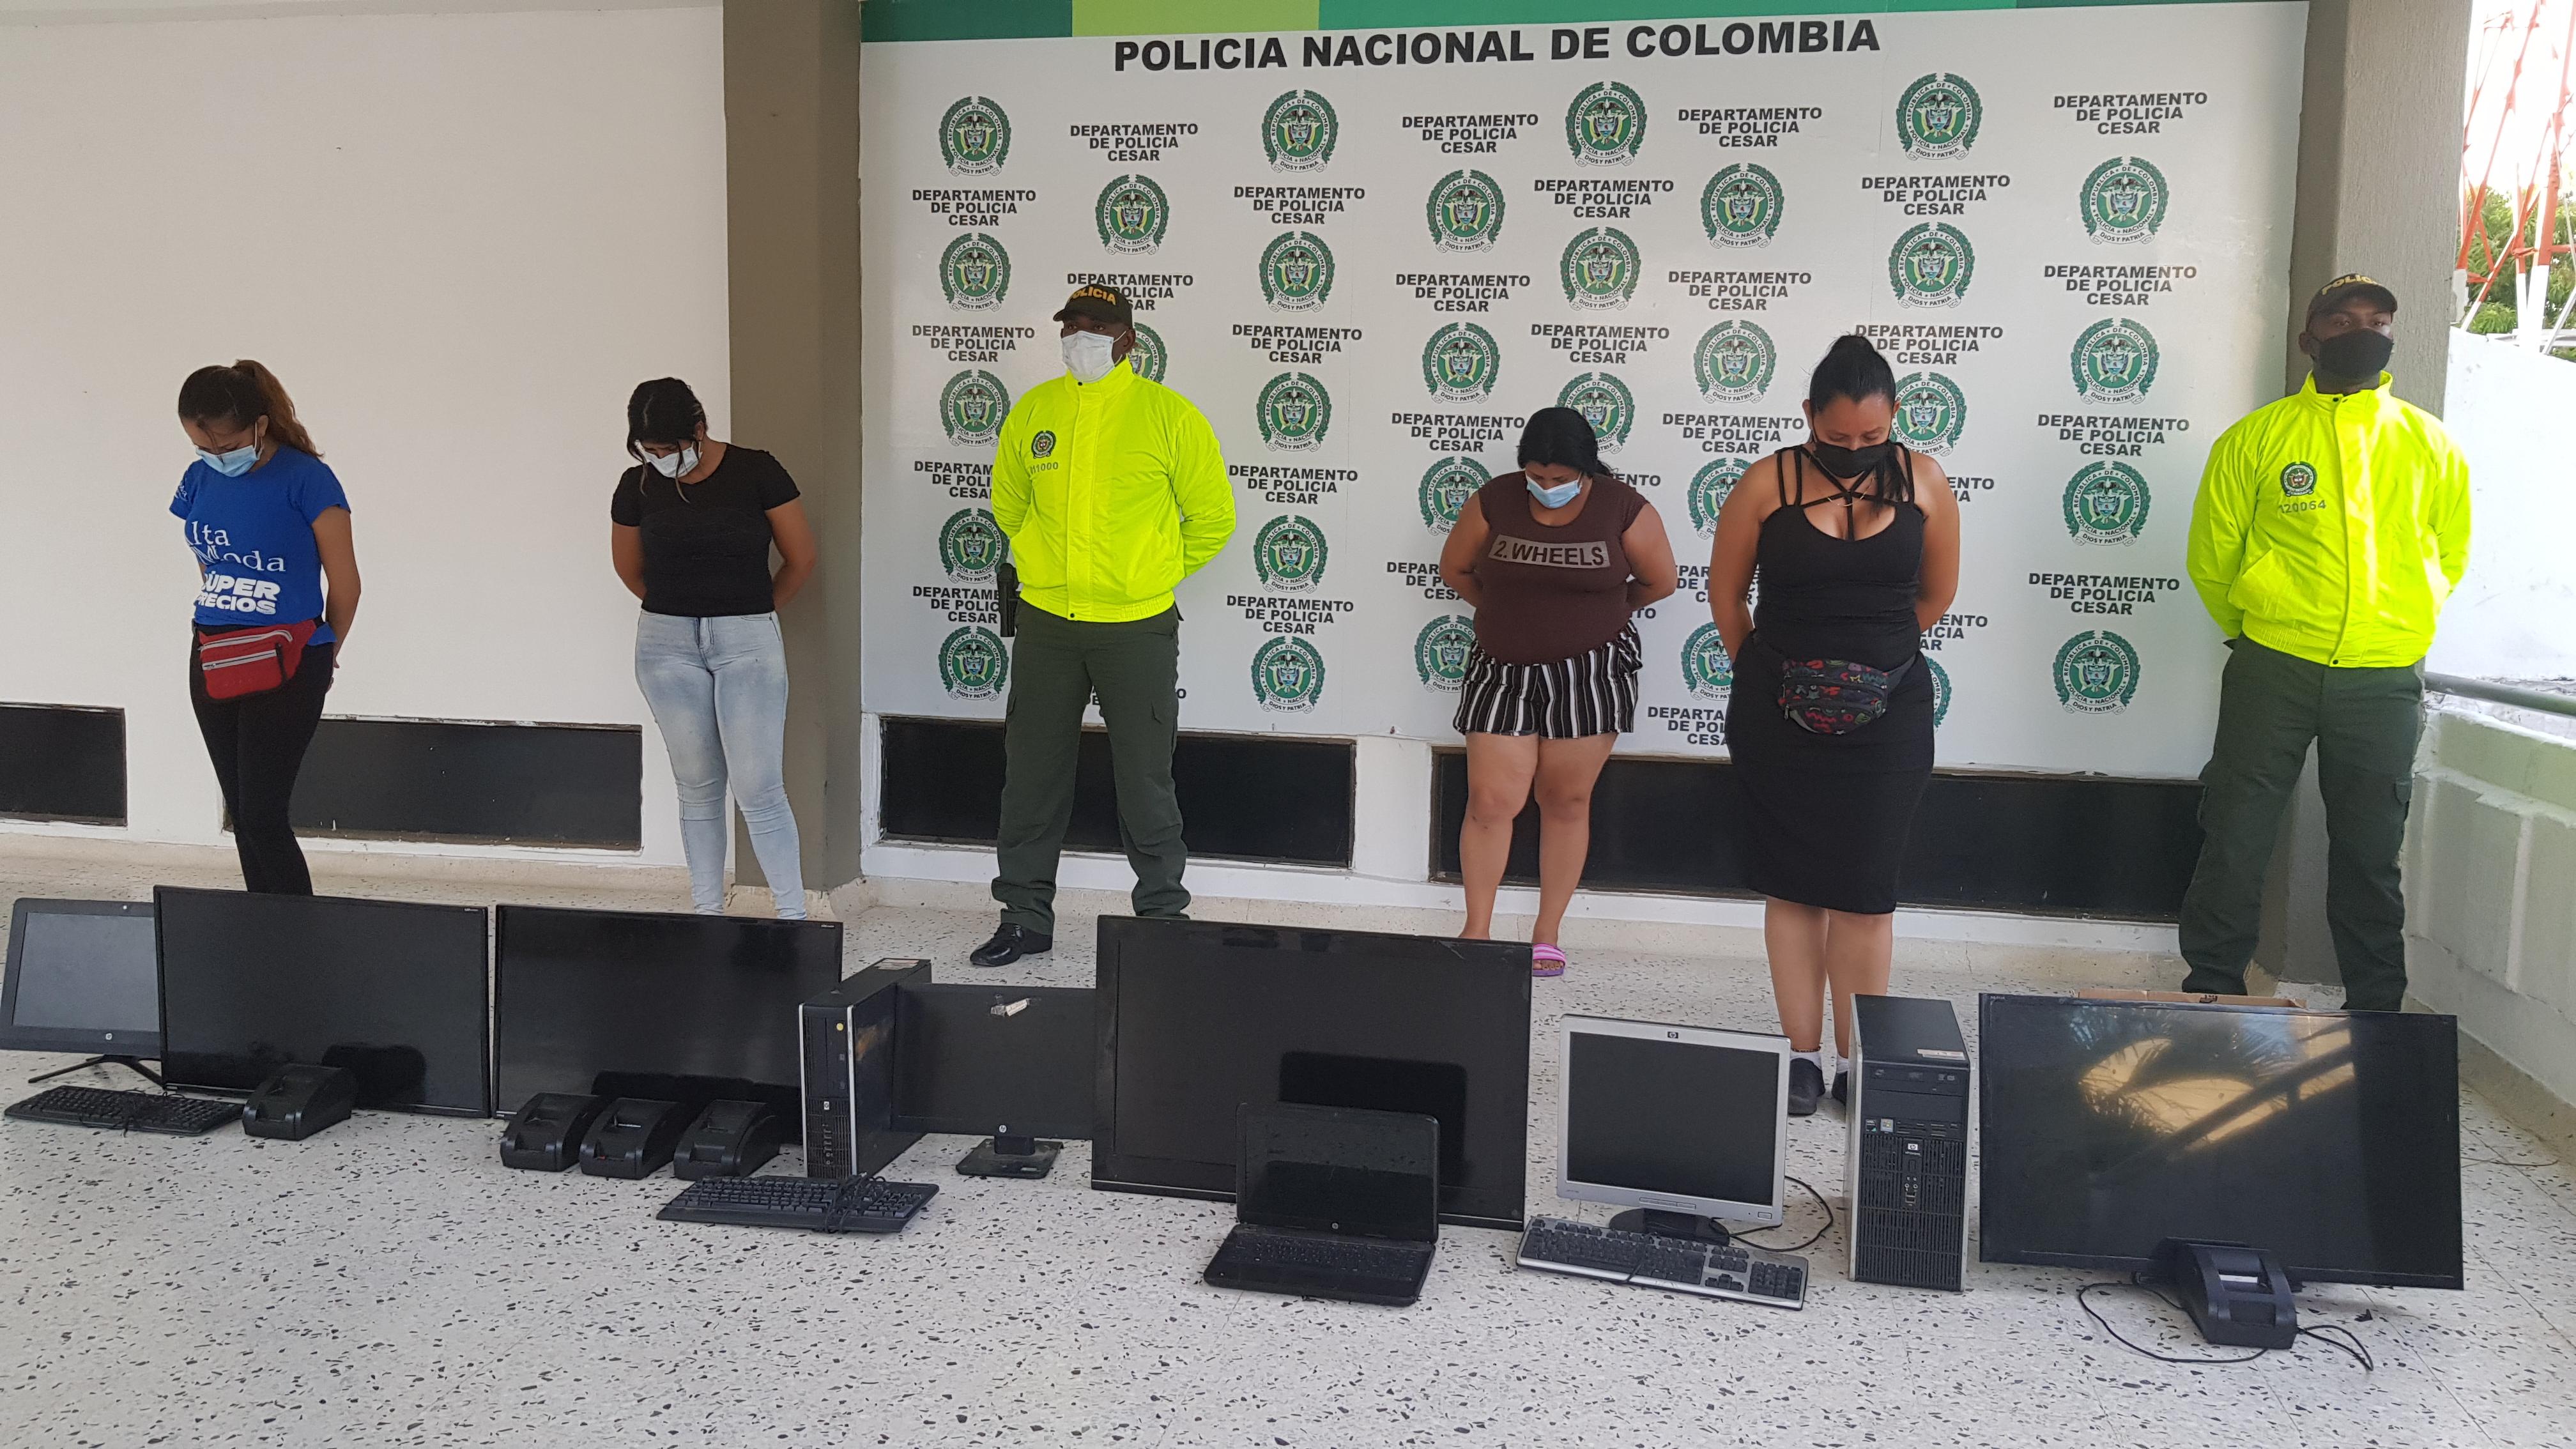 hoyennoticias.com, Capturadas tres venezolanas en Valledupar, por comercializar apuestas ilegales